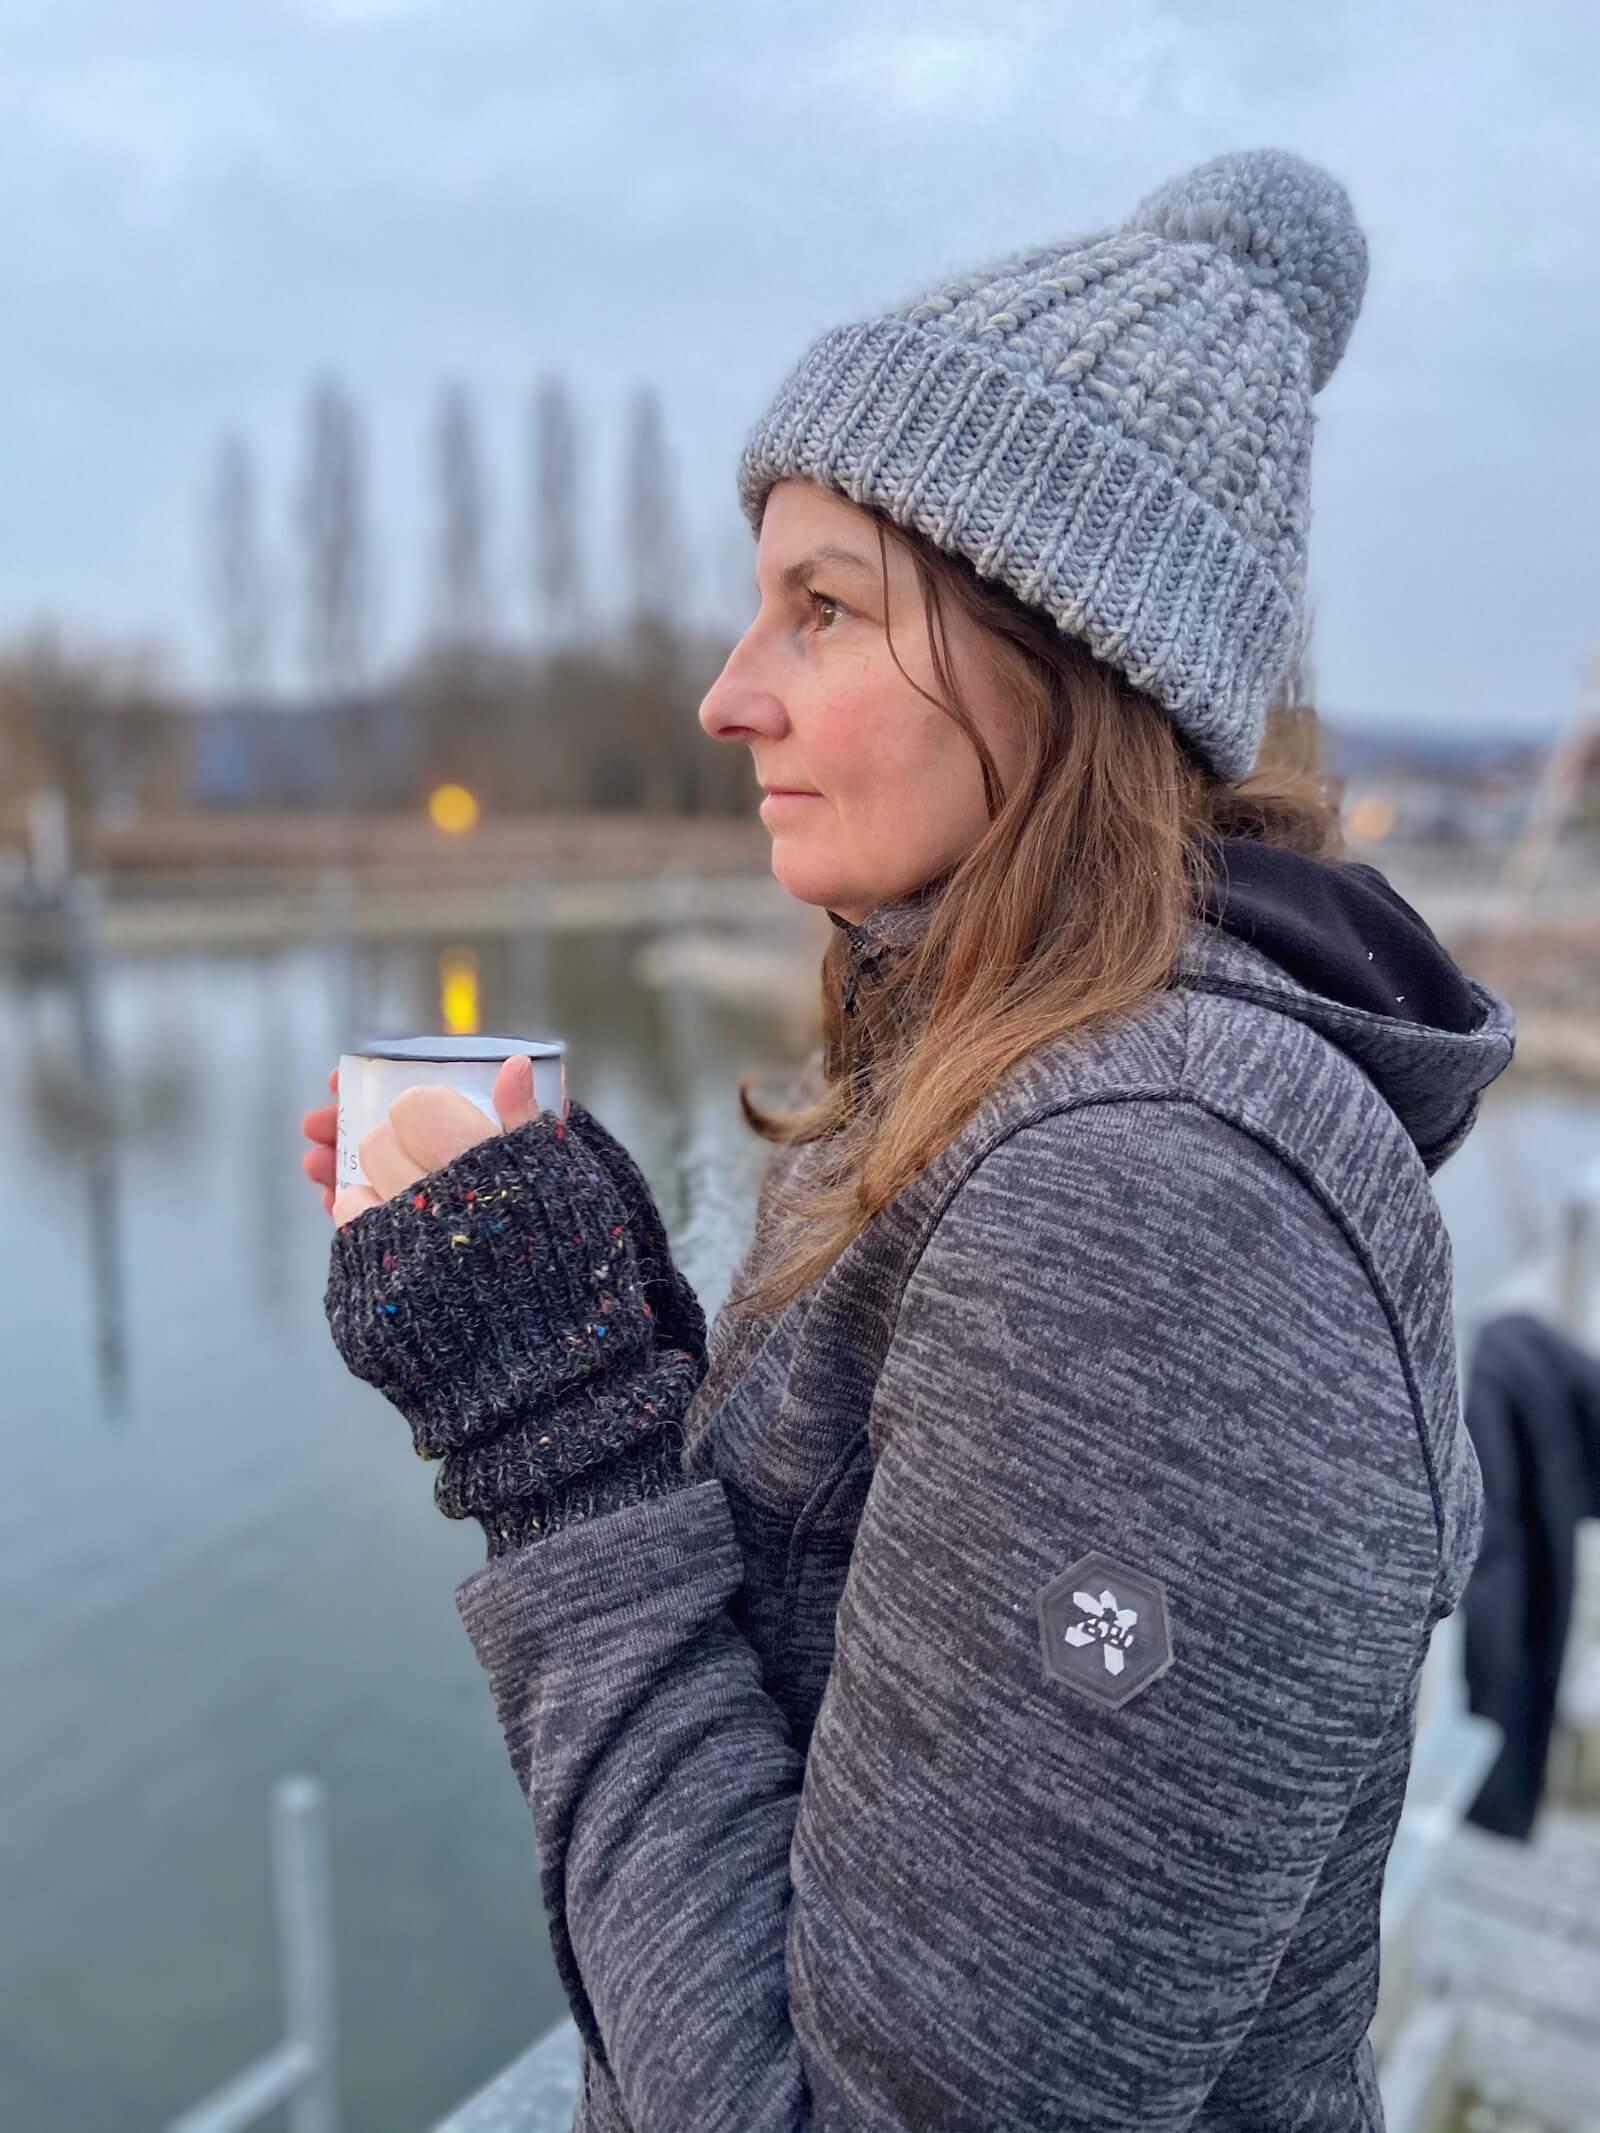 reisebloggerin sandra wickert